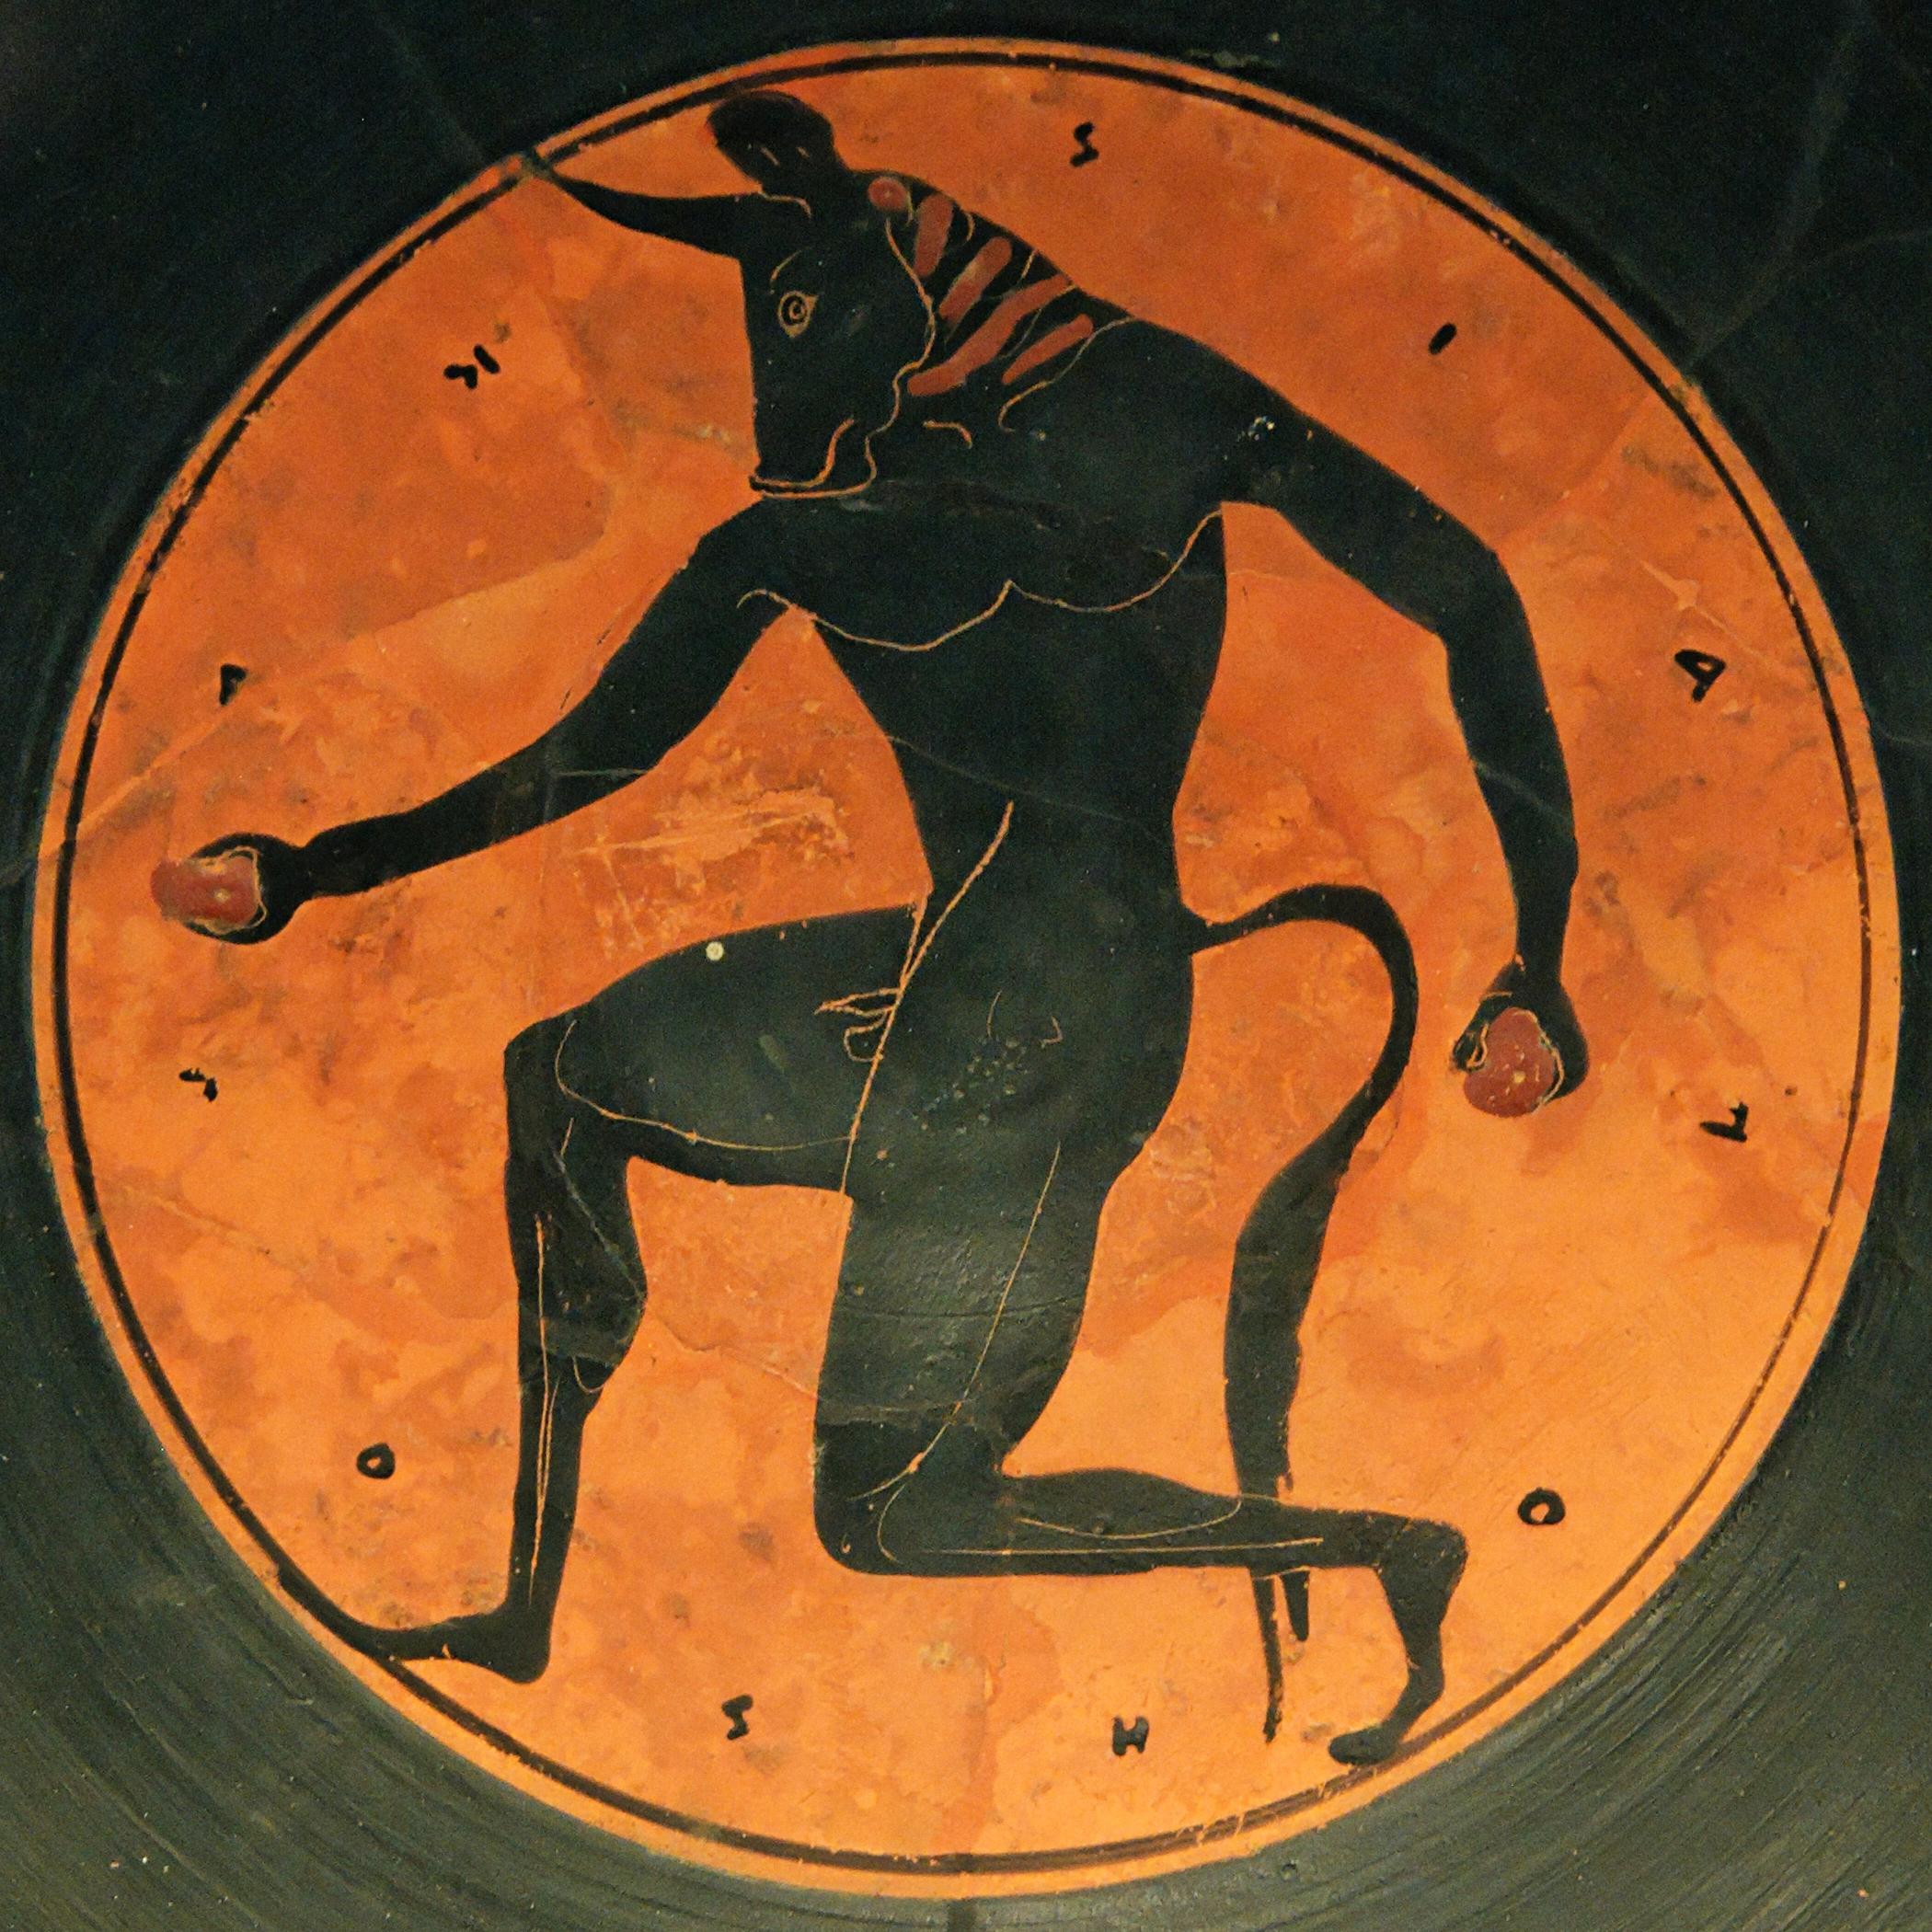 Resultado de imagen de mural cnosos minotauro